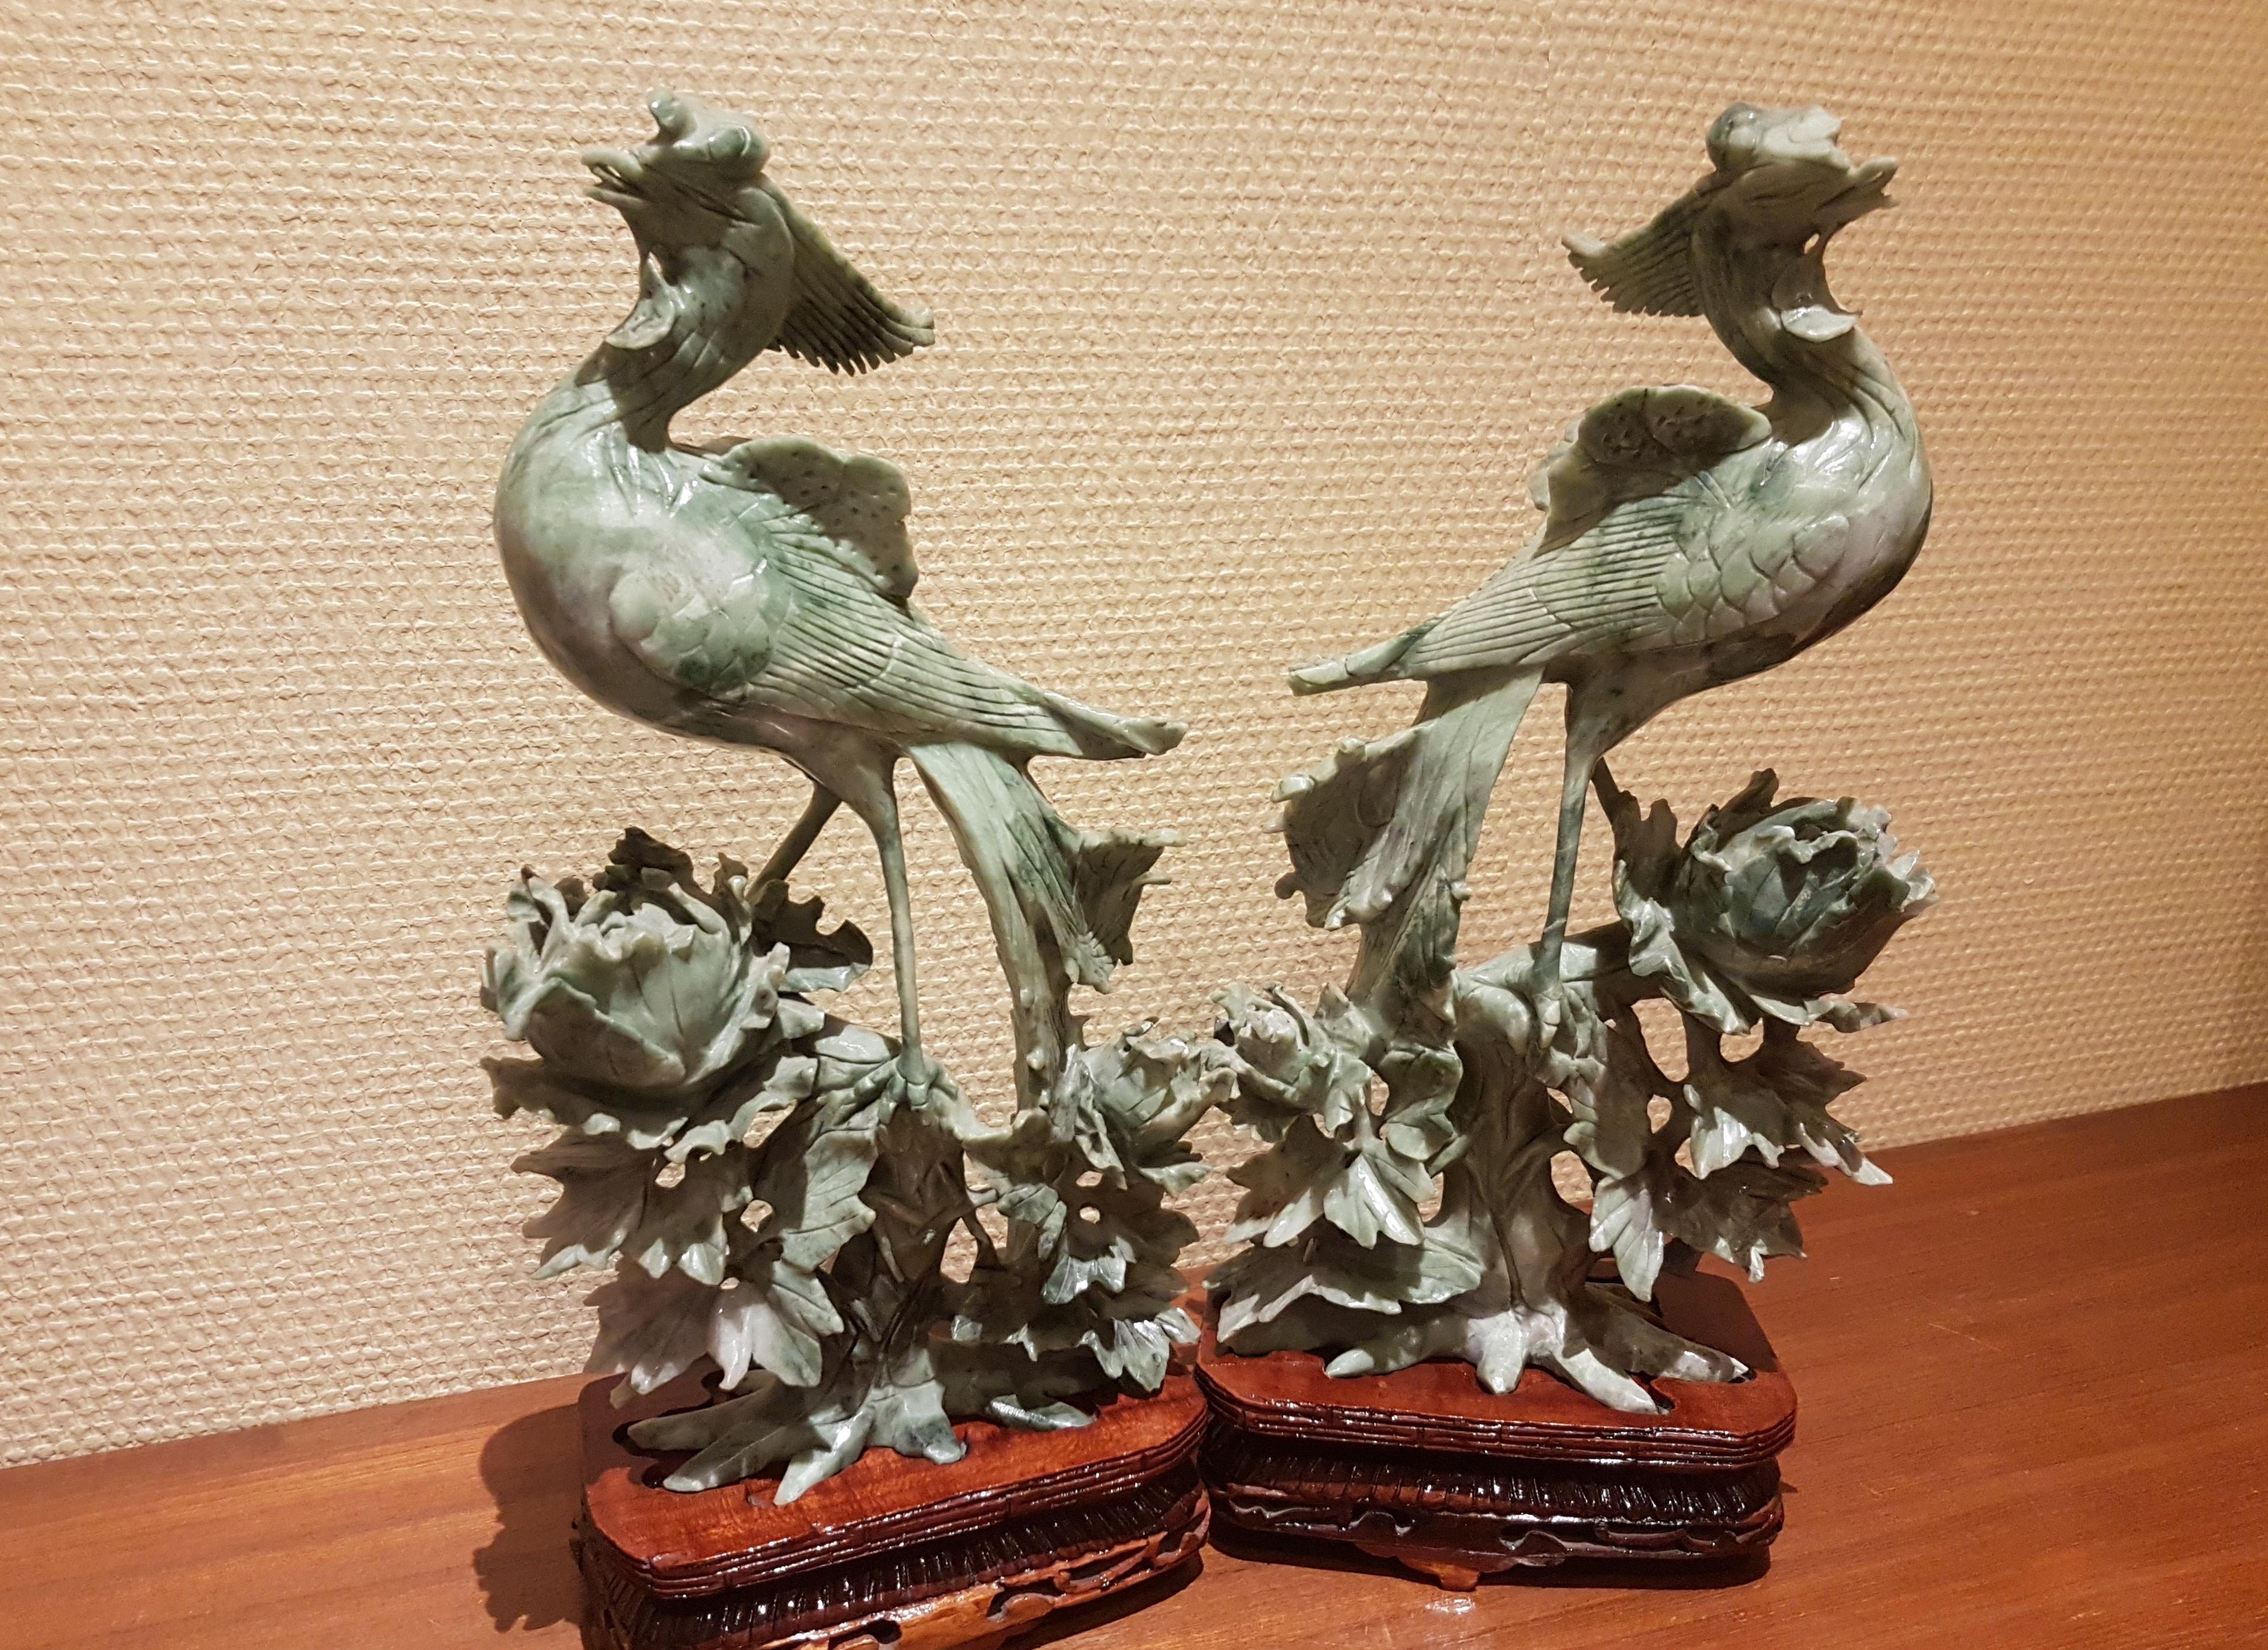 Chinees Porselein Merktekens Japans Porselein.Uw Oude Chinese Vazen Verkopen Aan De Hoogste Prijs Laat Vandaag